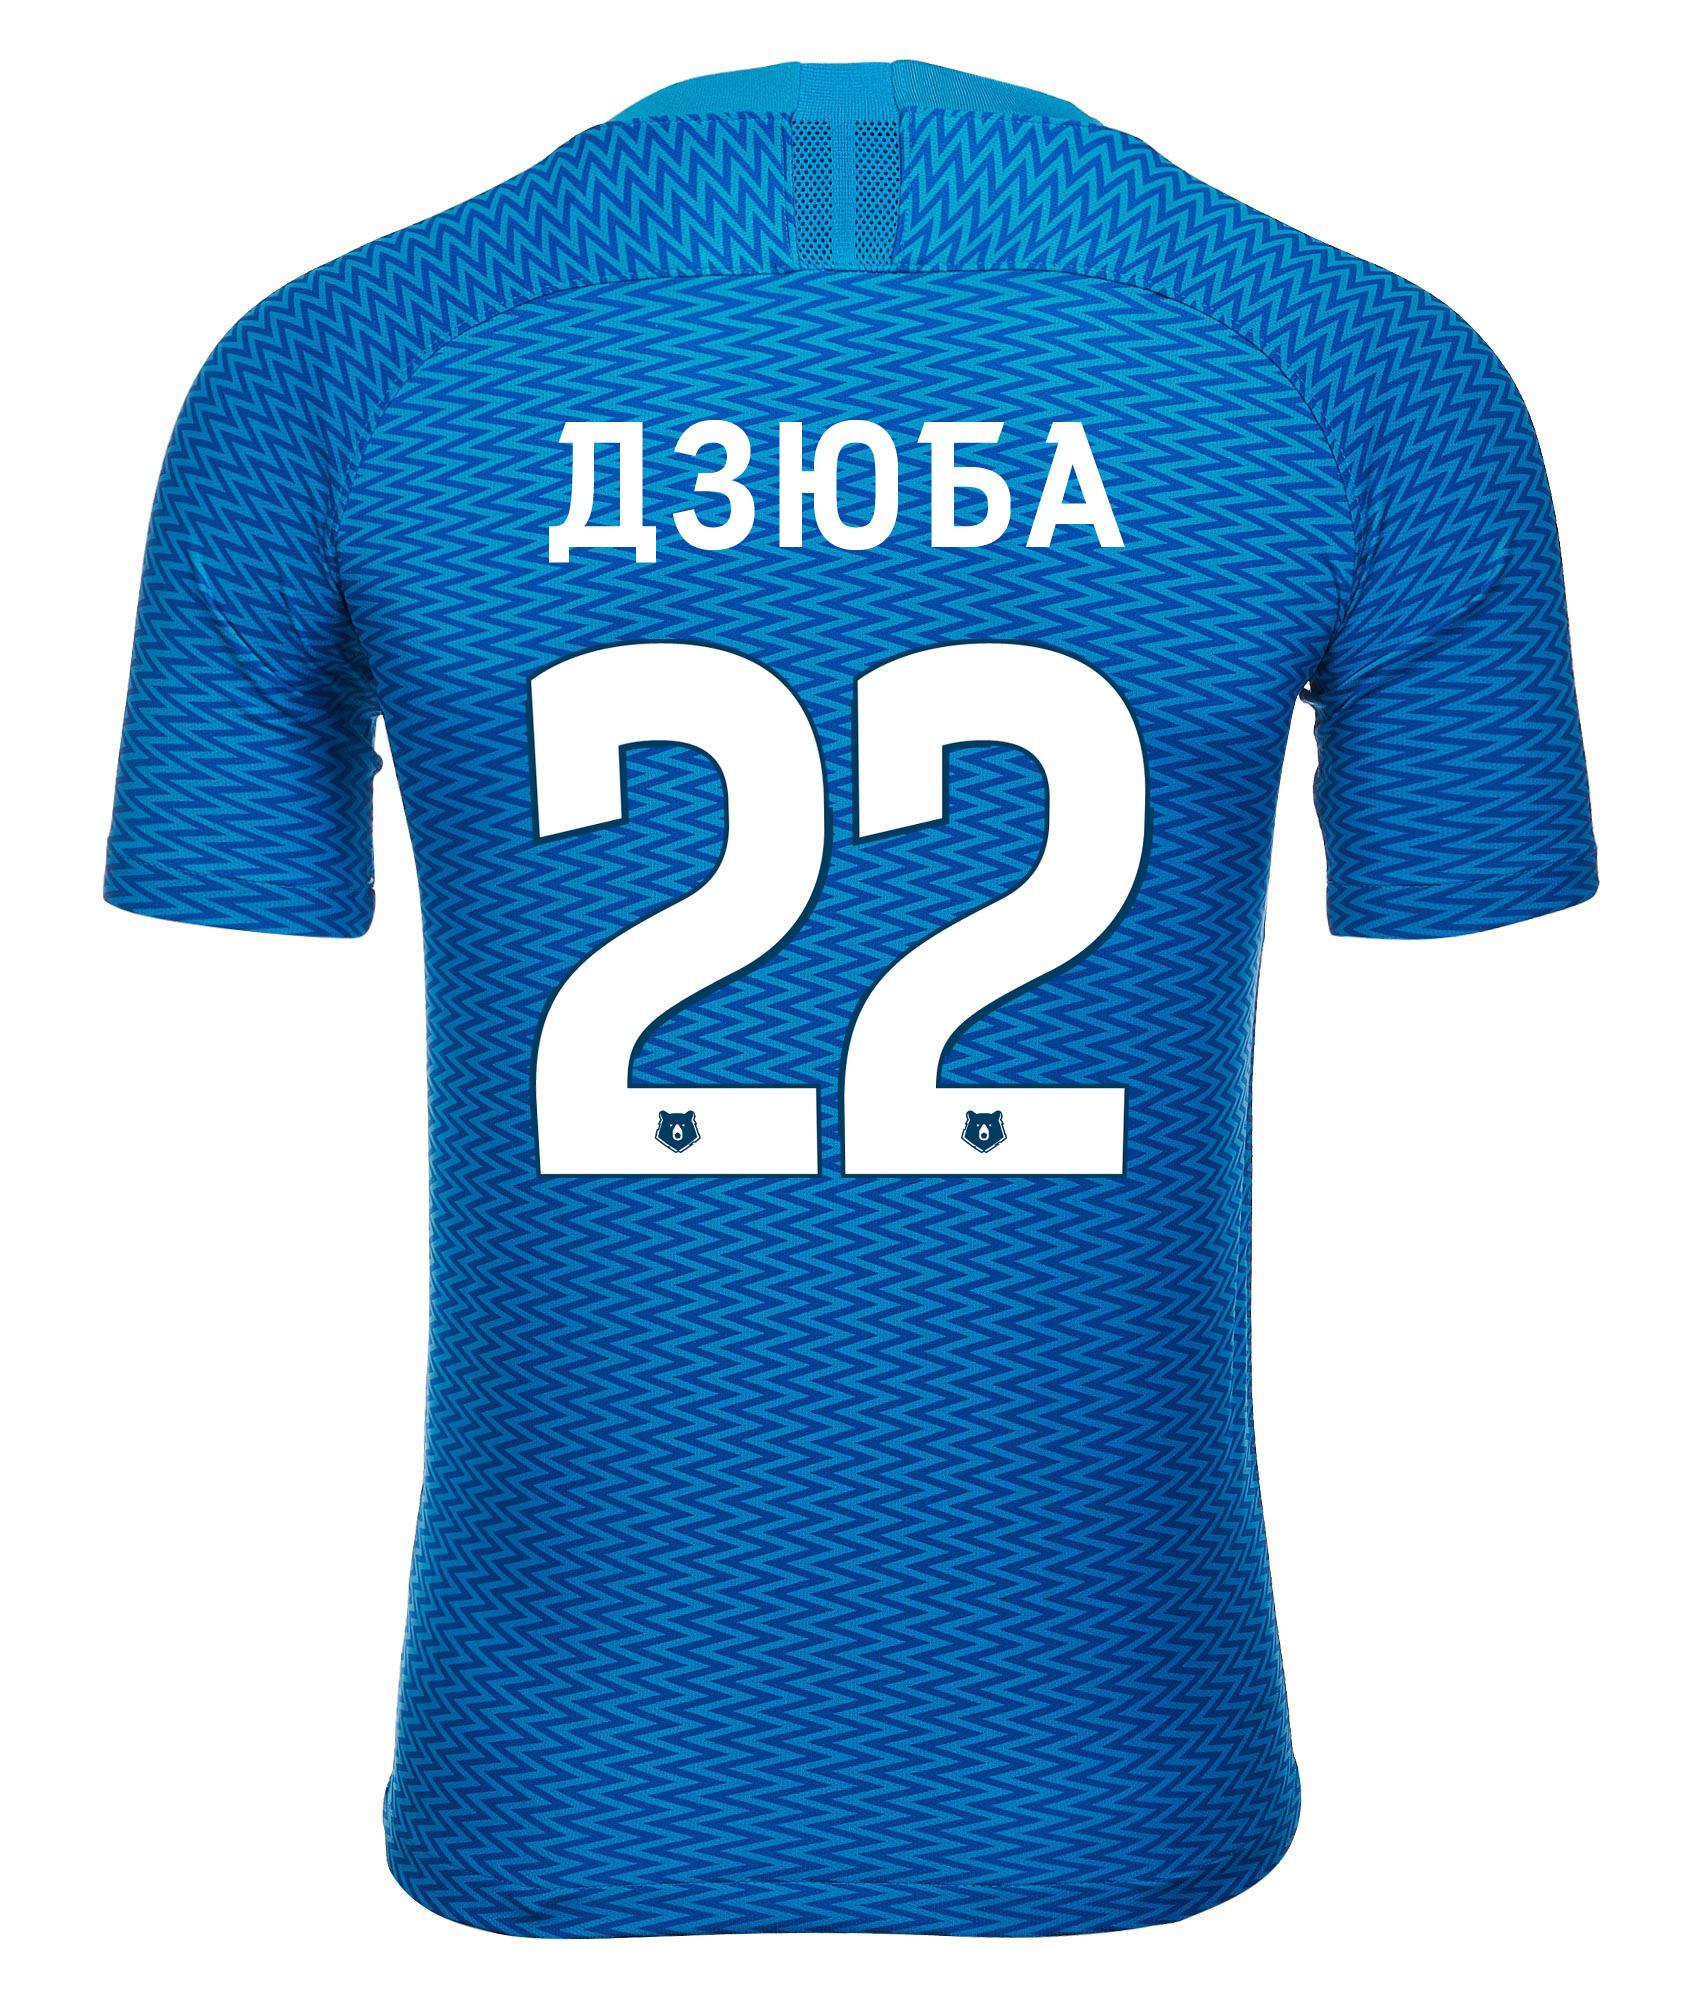 Футболка домашняя подростковая Nike Дзюба 22 2018/19 Nike оригинальная домашняя футболка nike дзюба 22 2018 19 nike